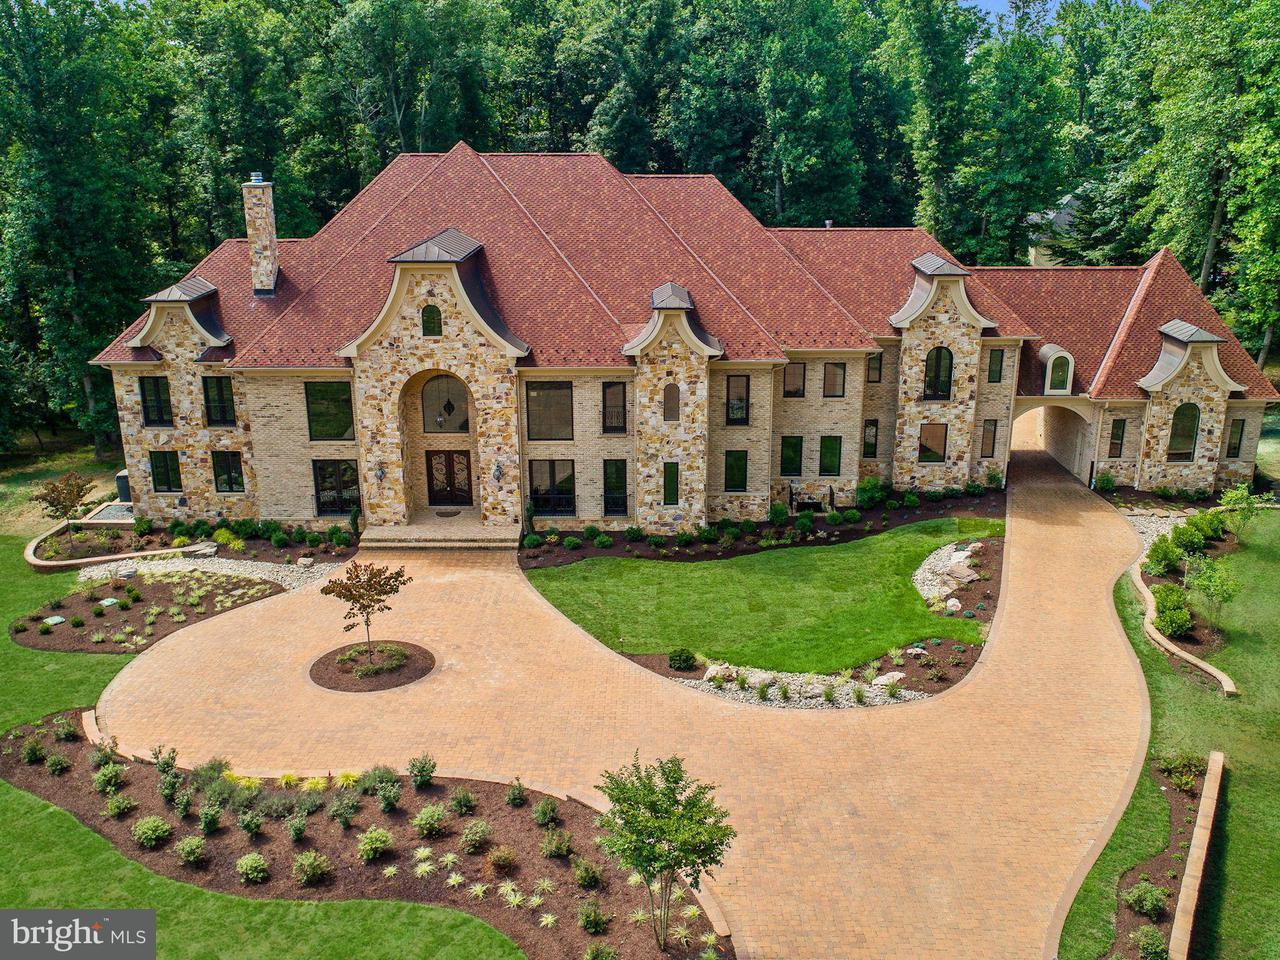 Частный односемейный дом для того Продажа на 11637 Vixens Path 11637 Vixens Path Ellicott City, Мэриленд 21042 Соединенные Штаты